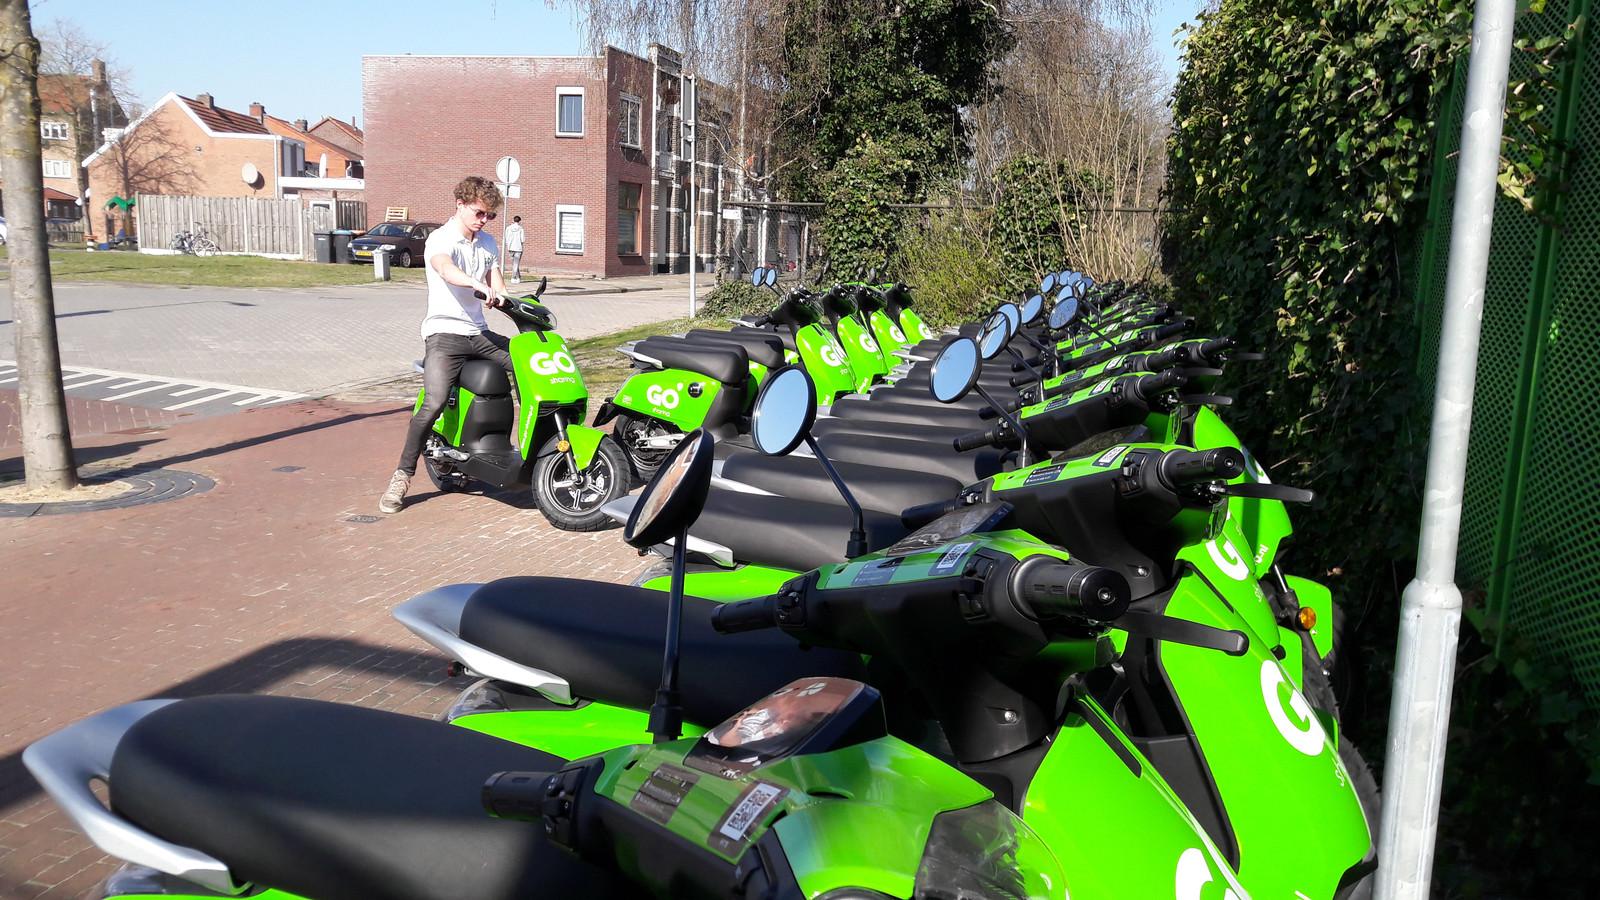 Sinds deze week staan in Almelo honderd deelscooters klaar, die het verkeer in de stad verduurzamen.